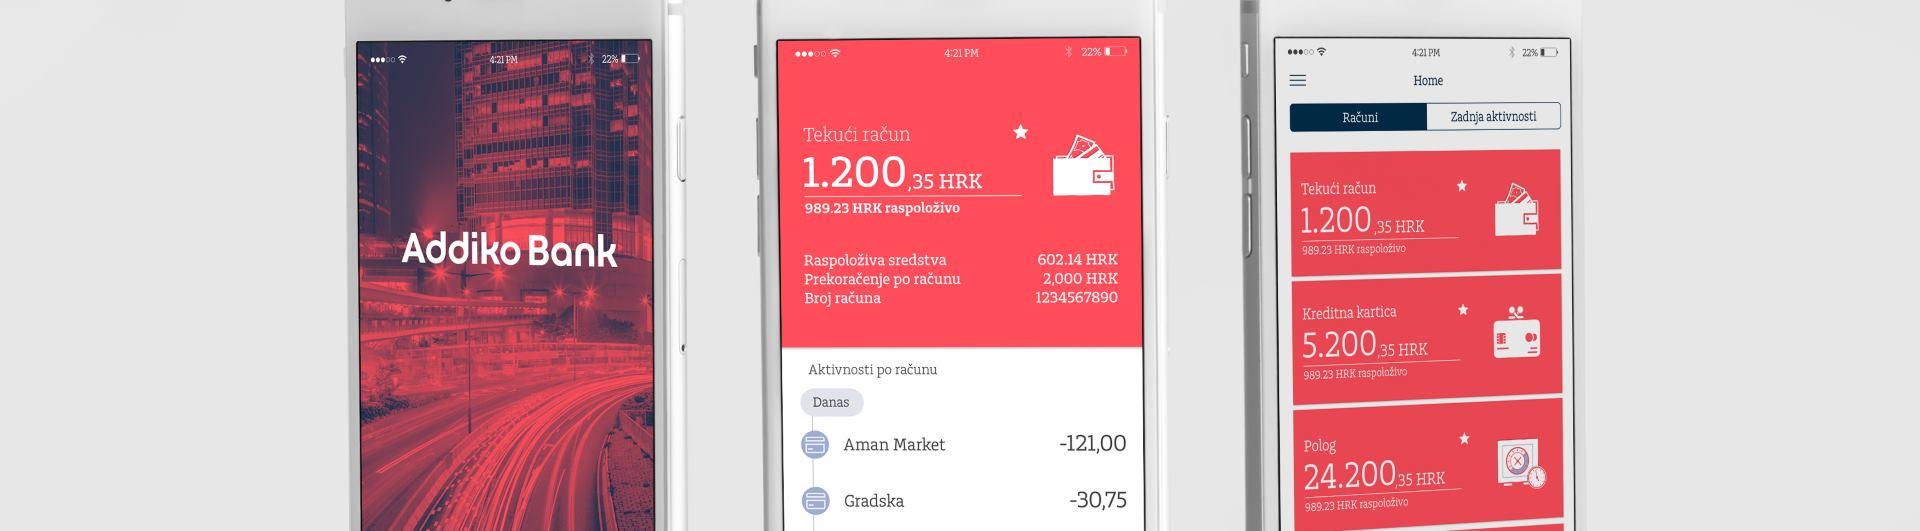 Addiko banka najbolja u Hrvatskoj u poslovanju s građanstvom